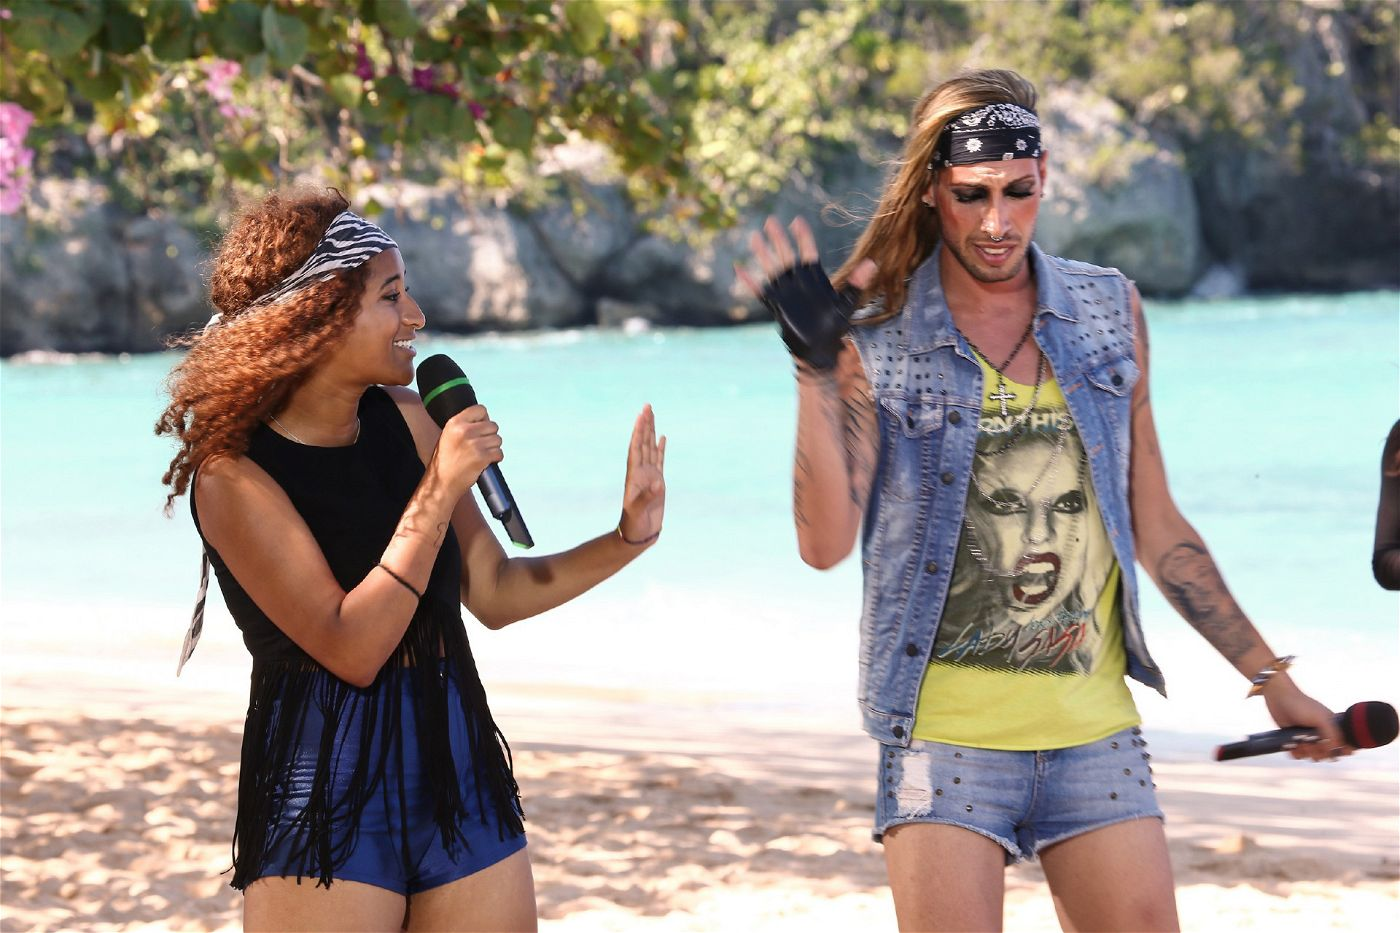 """Lindsay Traore und Walter Zauner haben sich für den Song """"Girlfriend"""" von Icona Pop entschieden."""